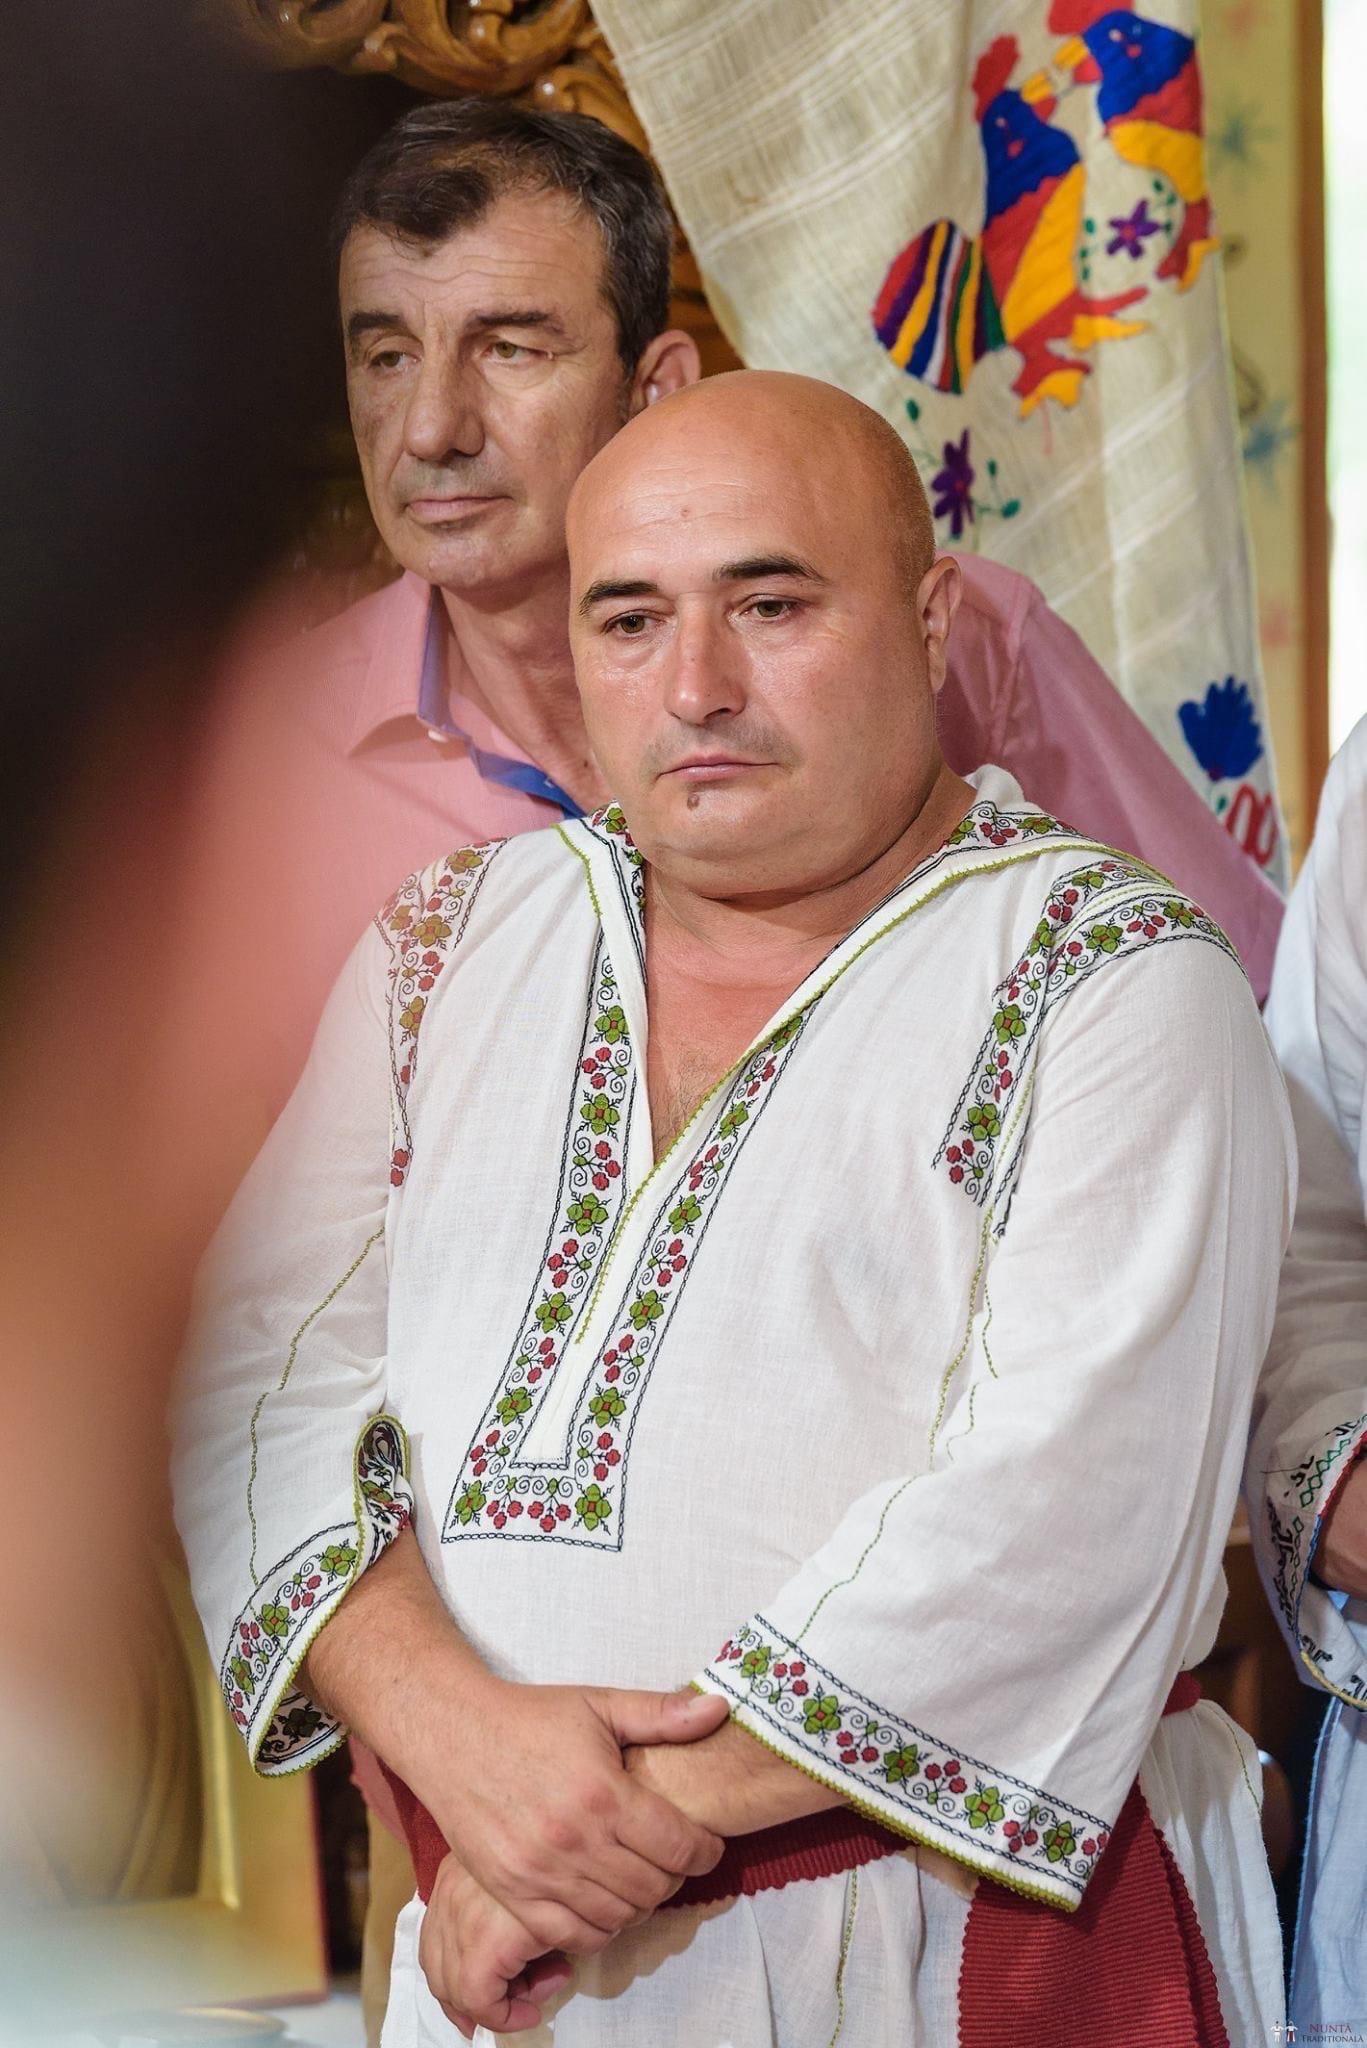 Povești Nunți Tradiționale - Daniela și Cristian, nuntă tradițională în Slobozia, Giurgiu 28